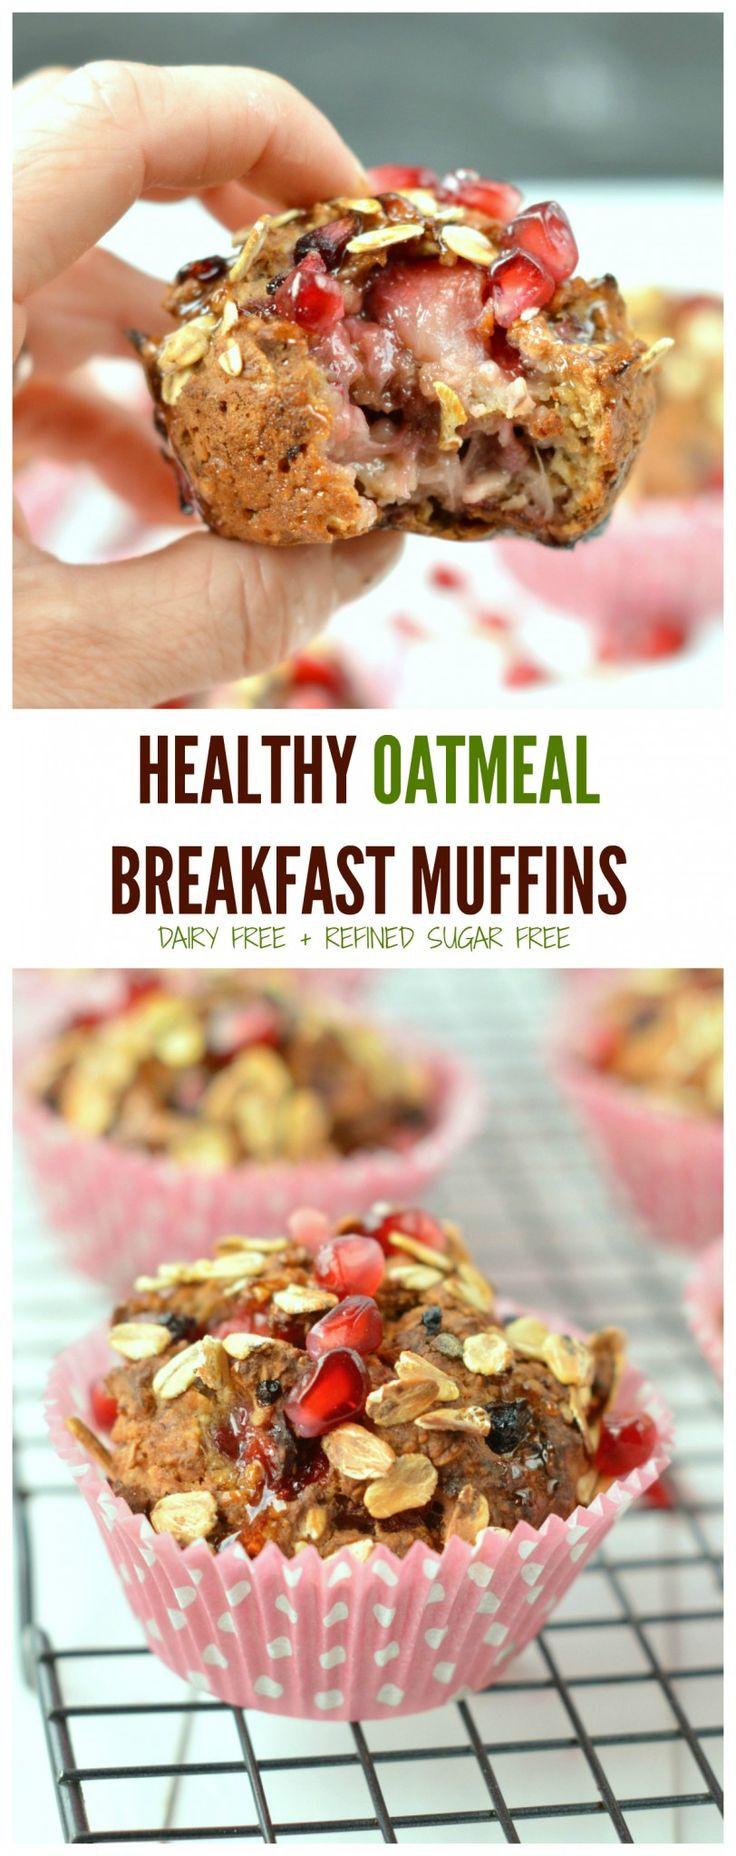 Healthy Oatmeal Breakfast Recipes  Healthy Oatmeal Breakfast Muffin Recipe